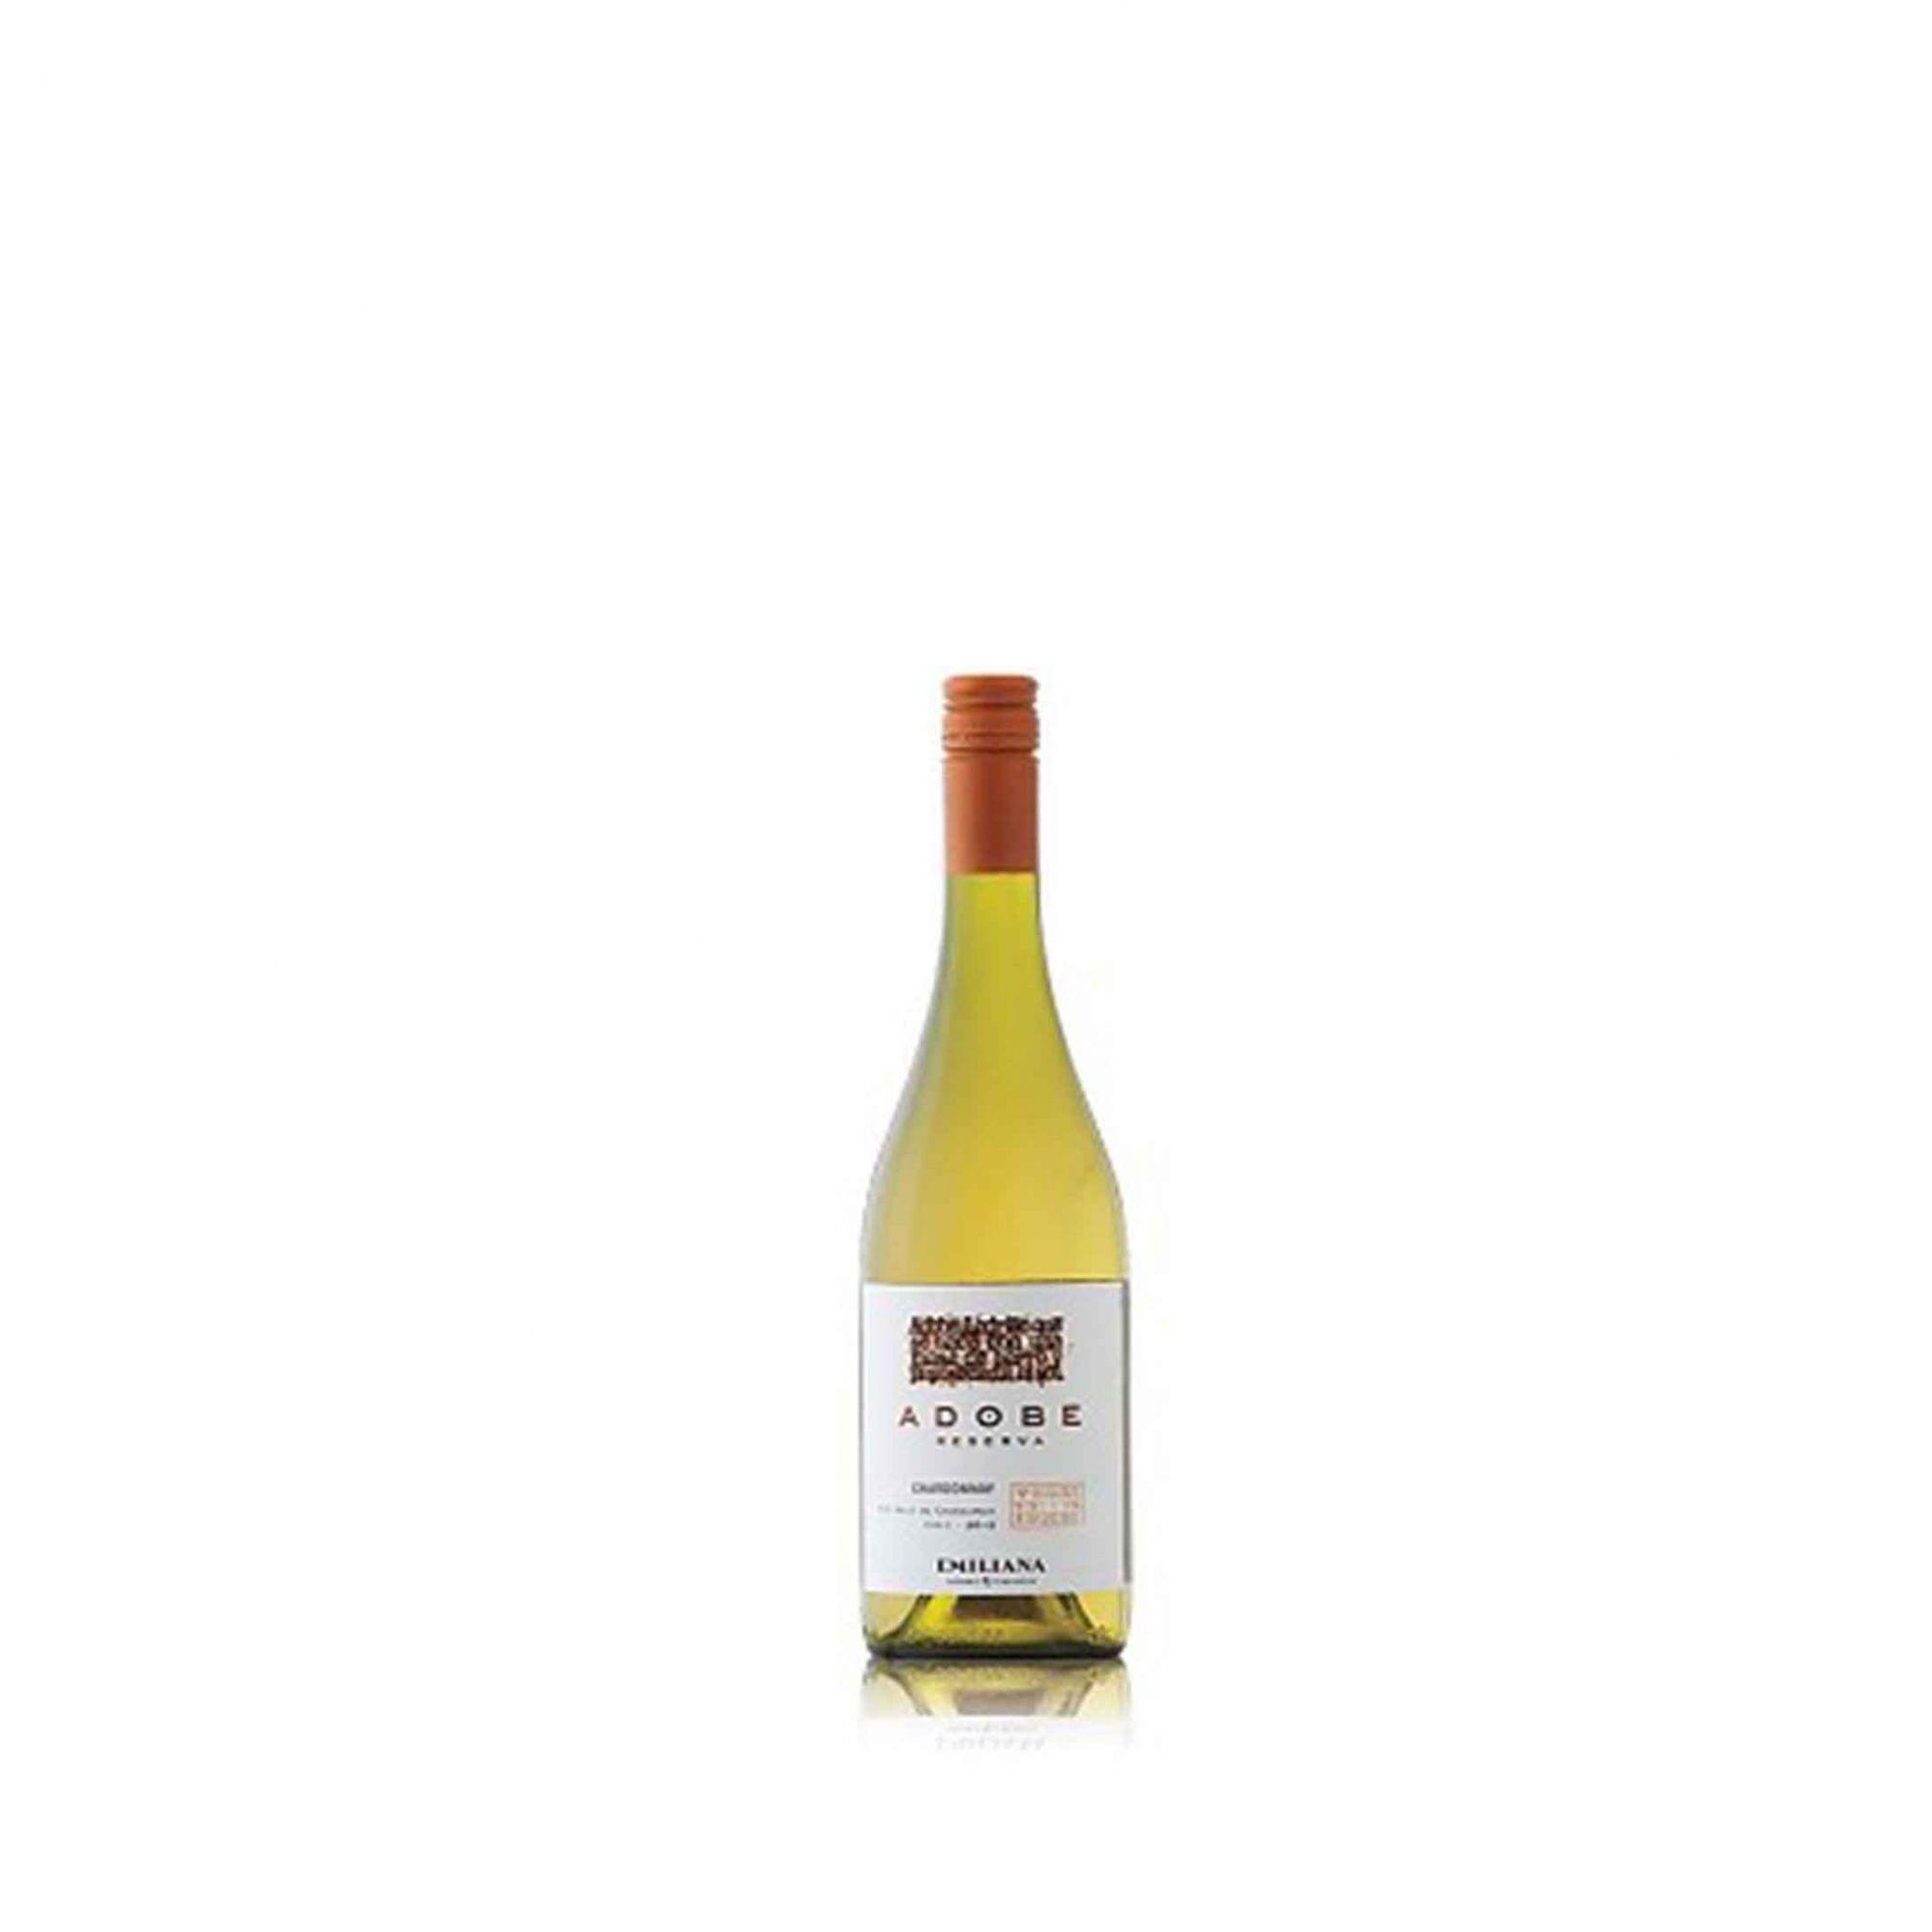 Emiliana Adobe Reserva Chardonnay 375 ml